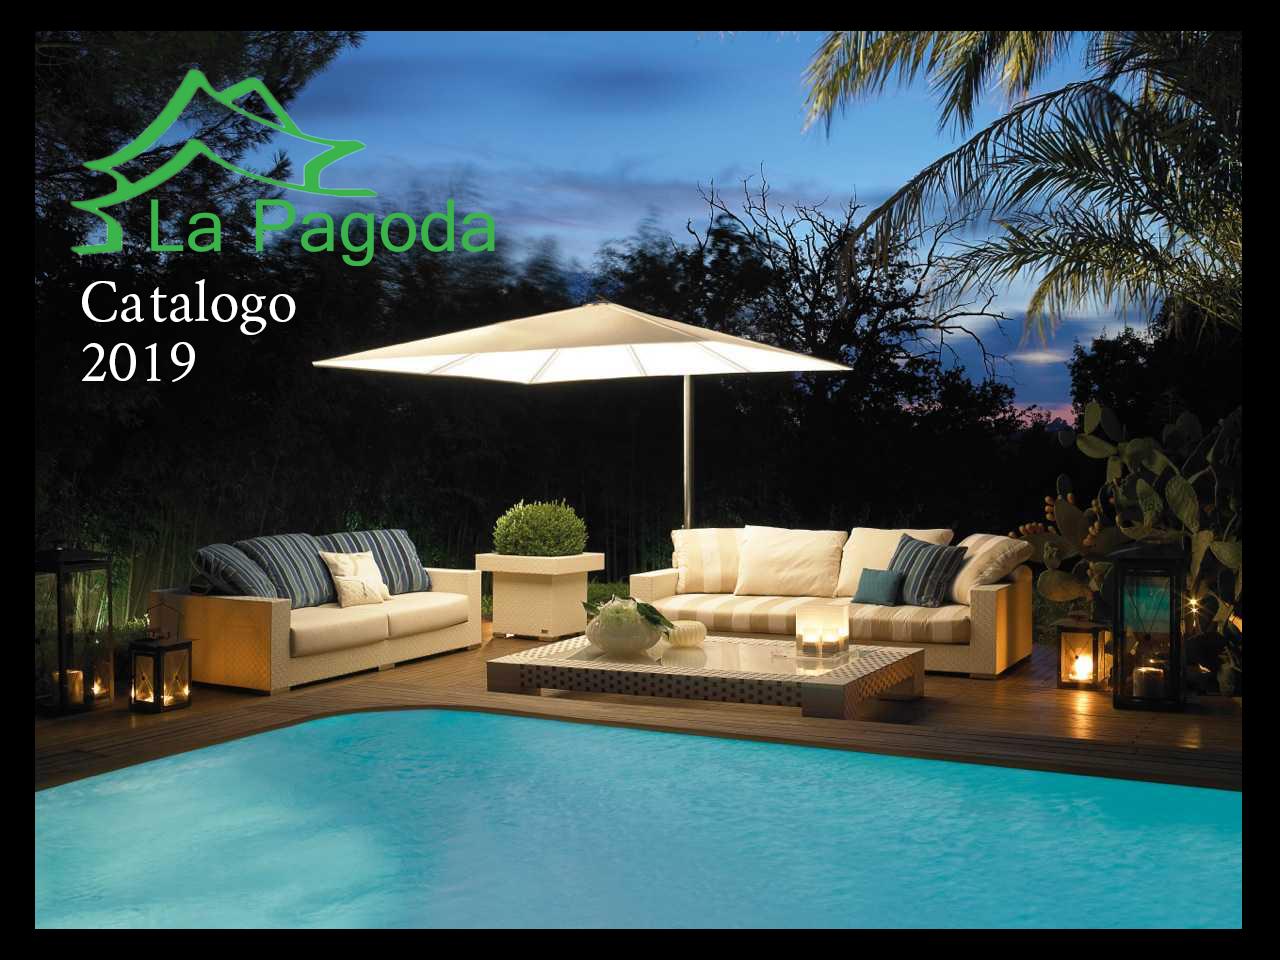 Negozio di arredamento e articoli casa e giardino gazebo natale ...